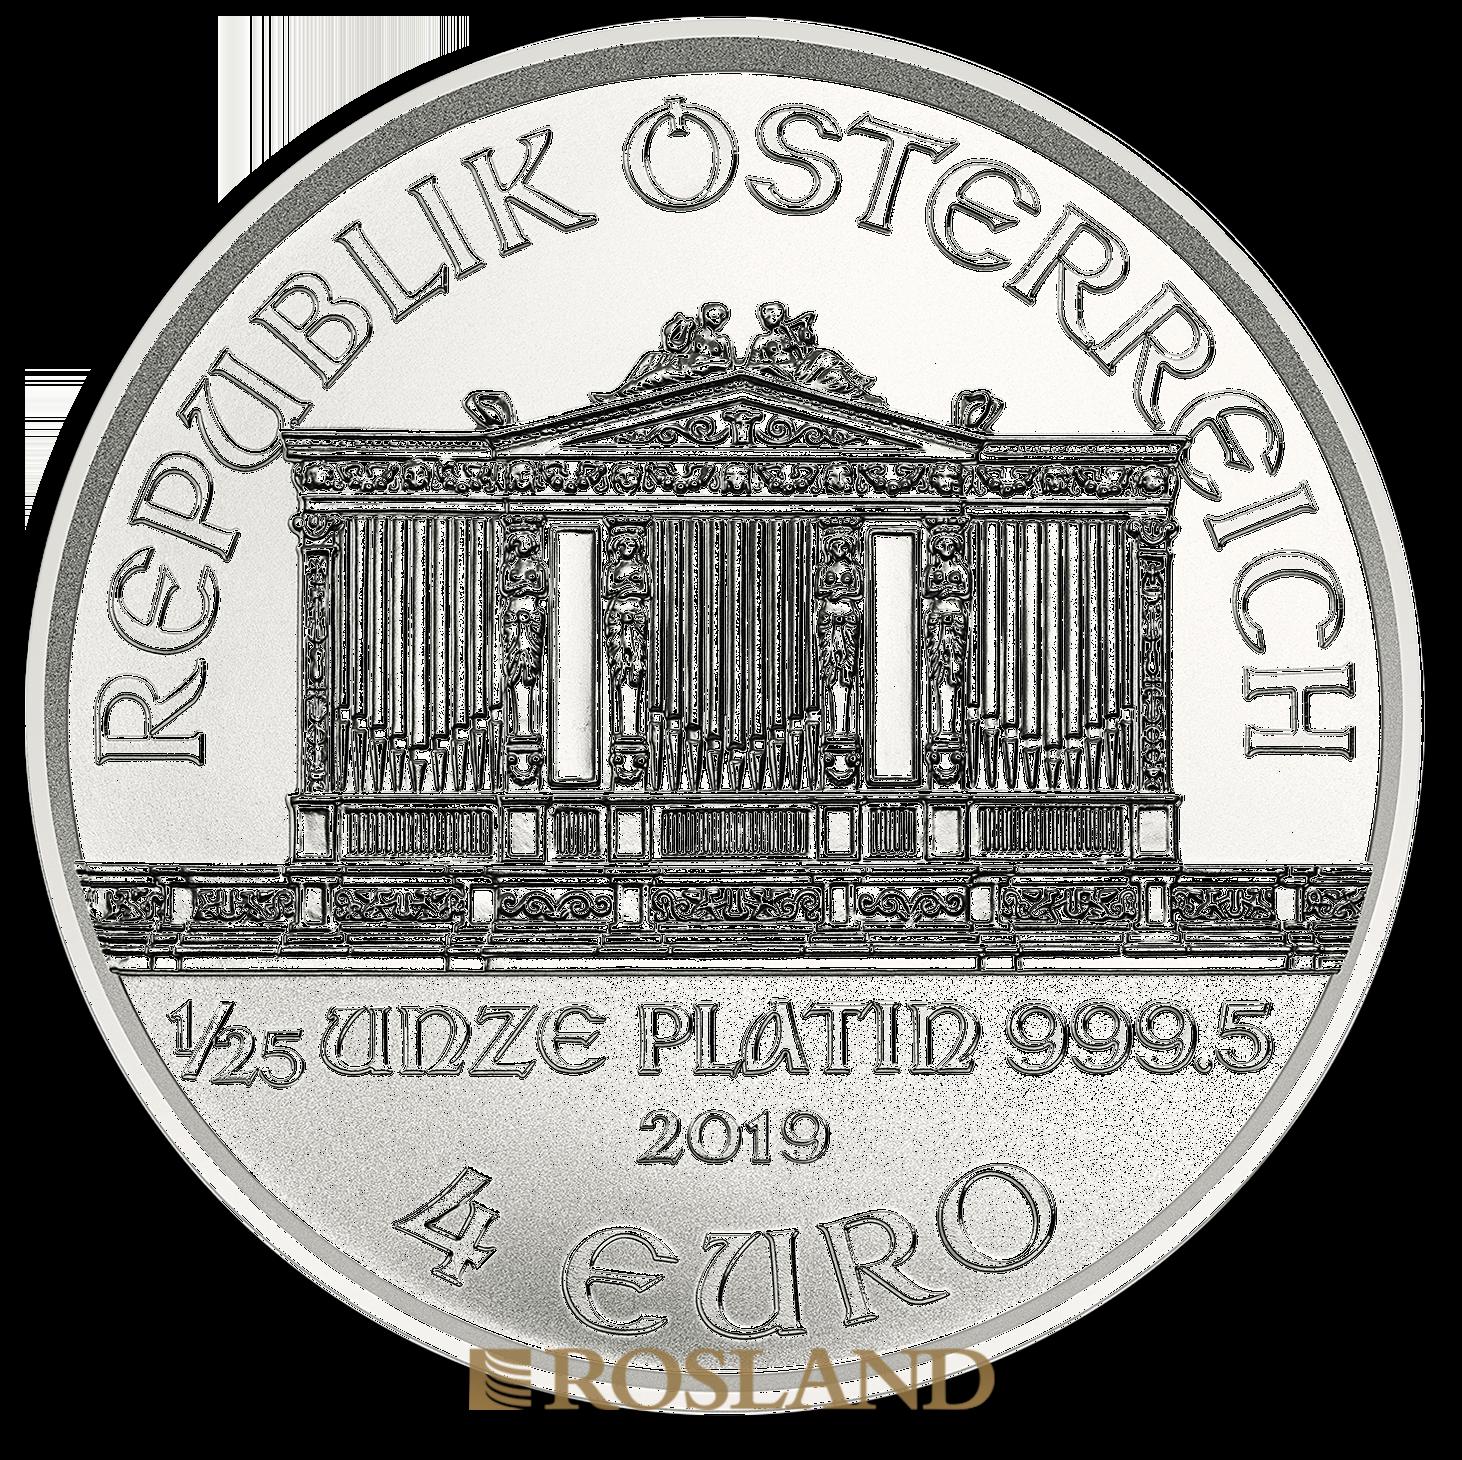 1/25 Unzen Platinmünze Wiener Philharmoniker 2019